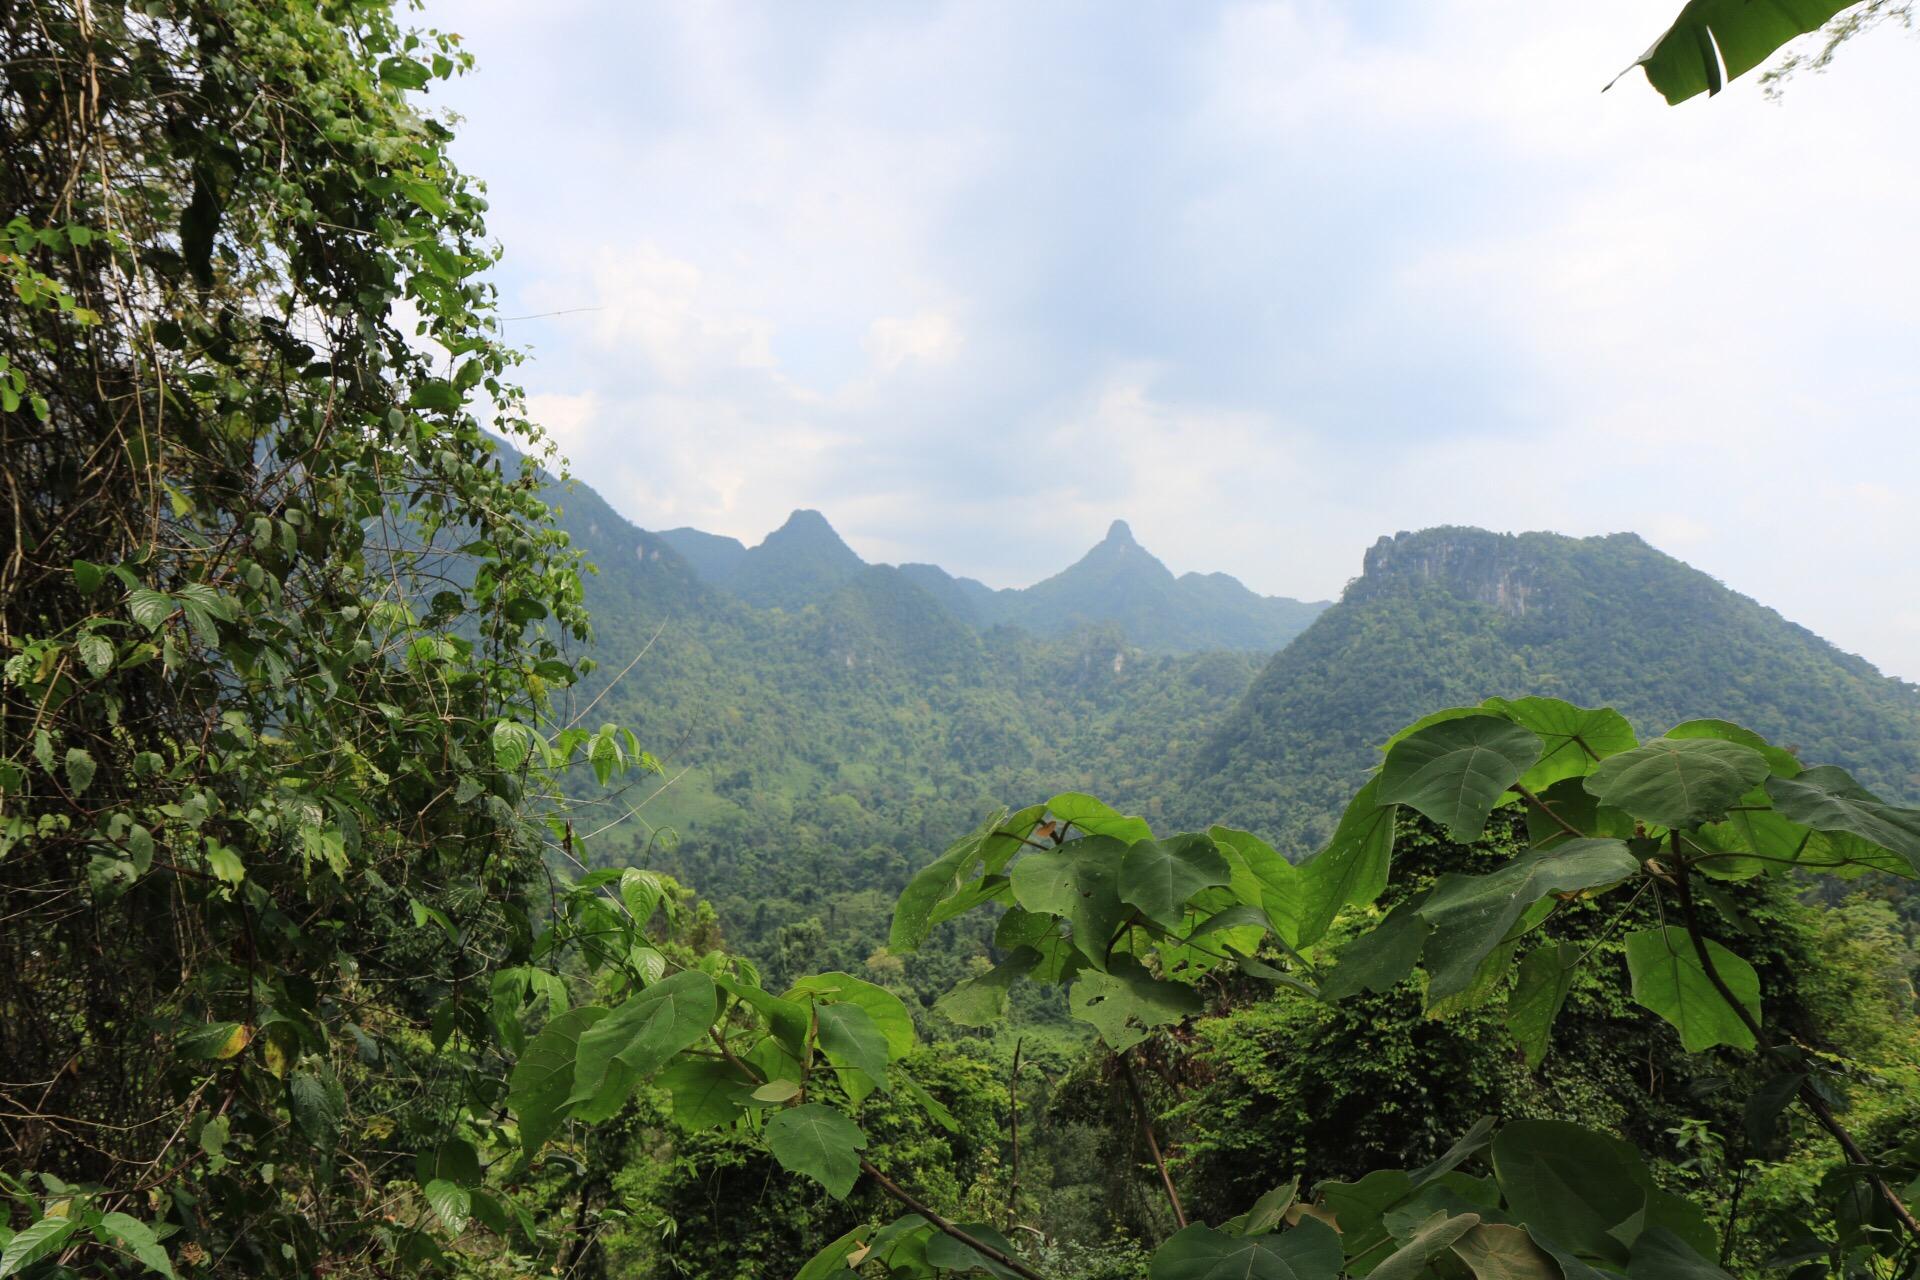 Nach der Bus- und Golfcaddy-Fahrt sowie kurzem Fußmarsch erreicht man das Plateau des Höhleneingangs.